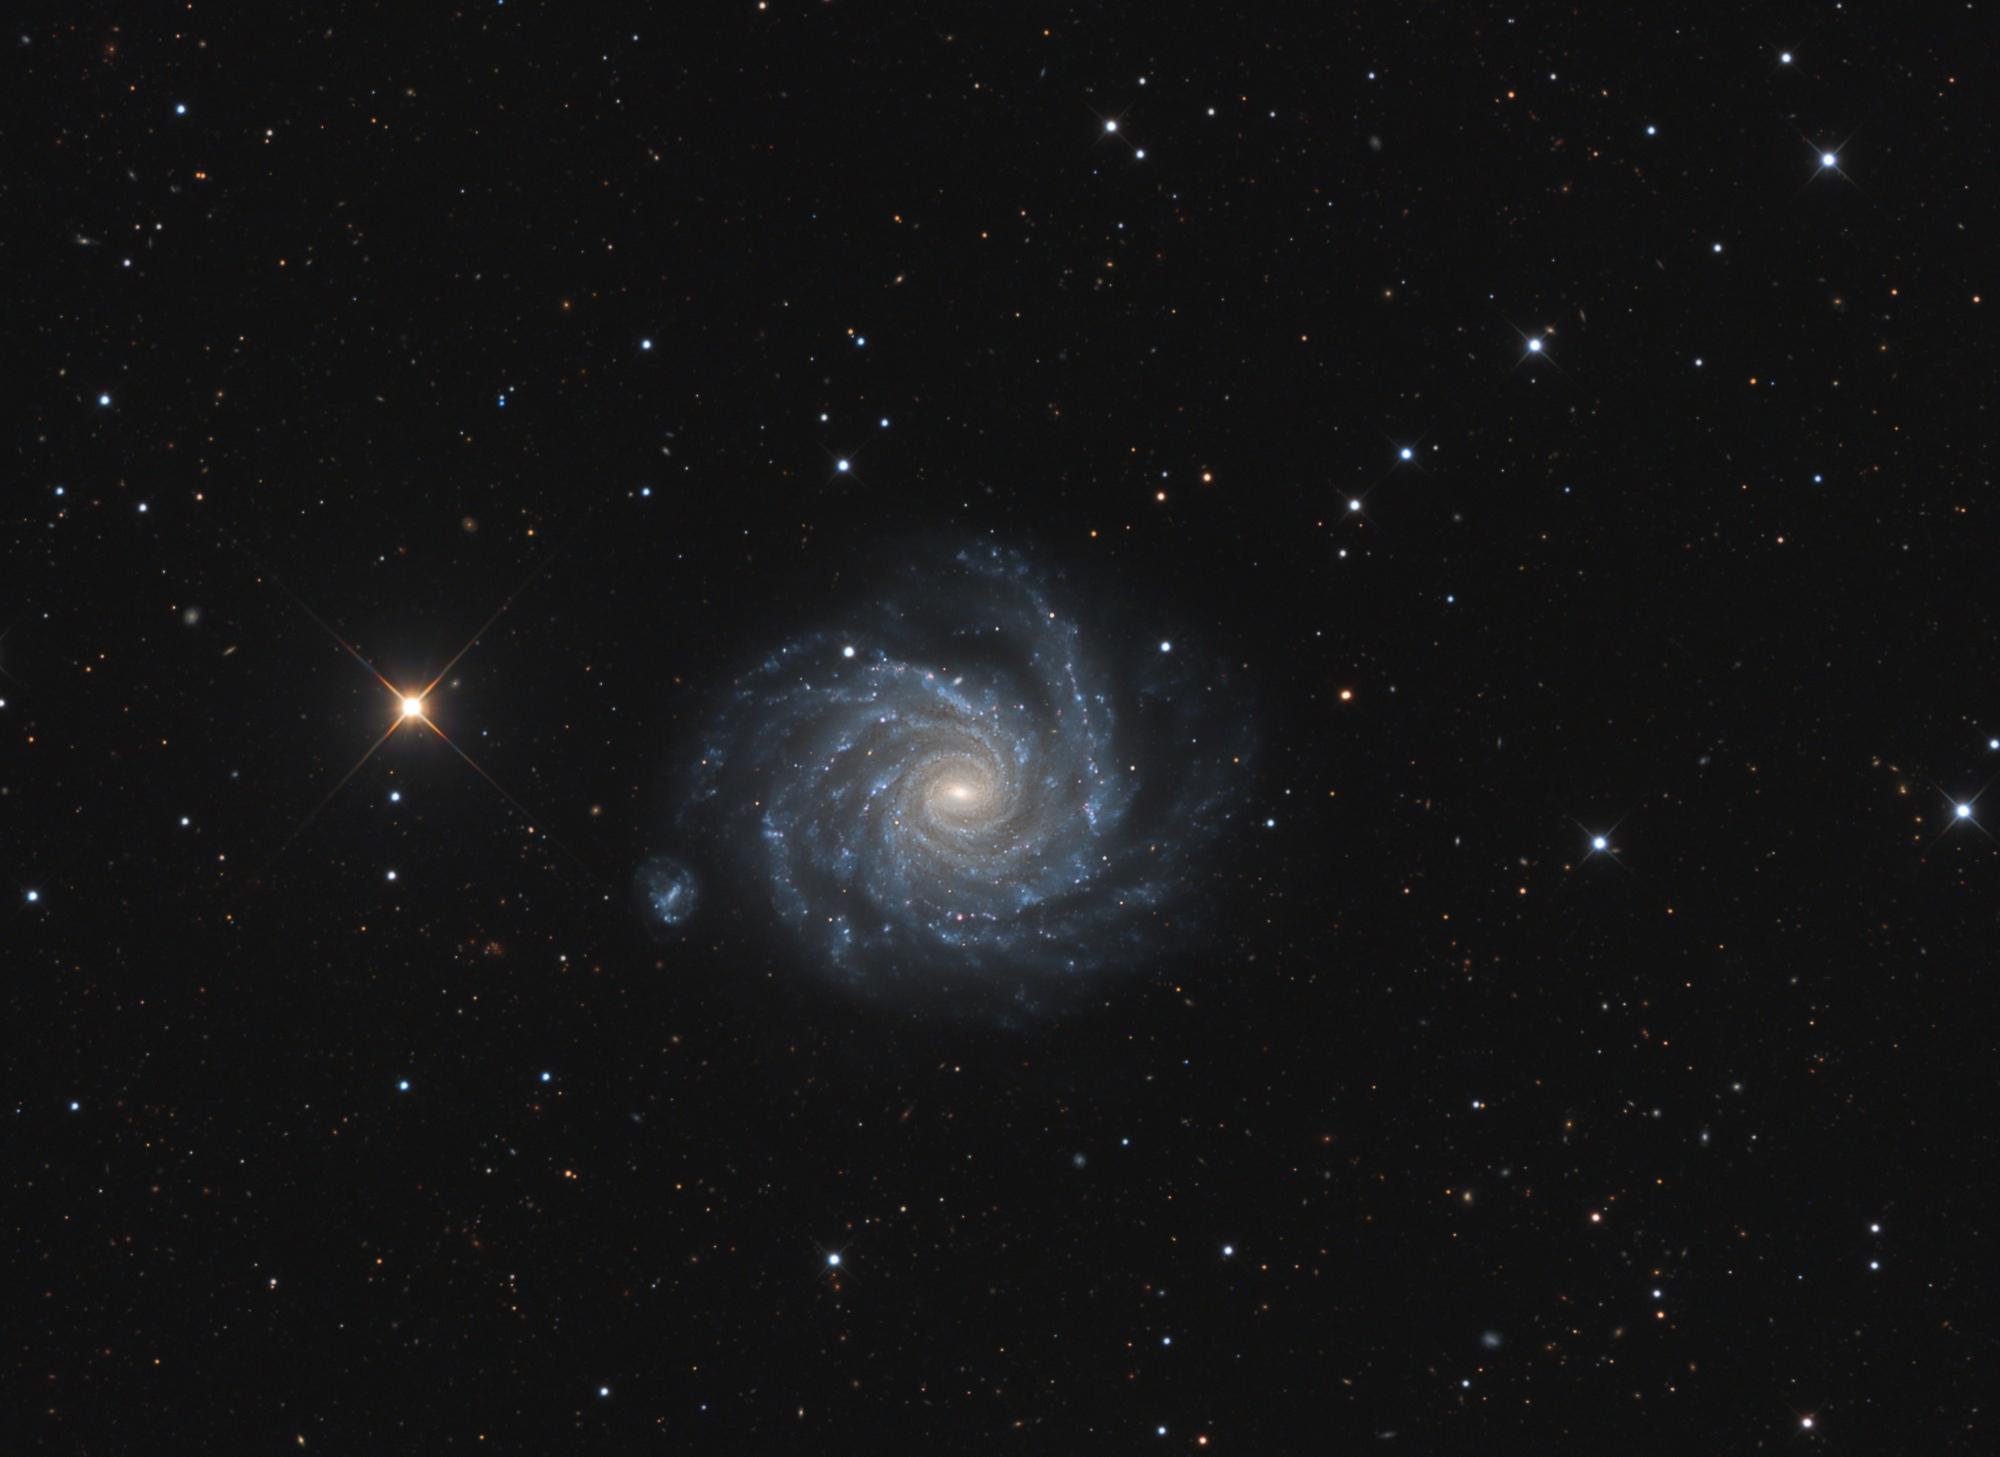 NGC1232-LRVB-V2-Crop-Publi.thumb.jpg.f70ee287e1b0c7cd7e724c42706e43e3.jpg